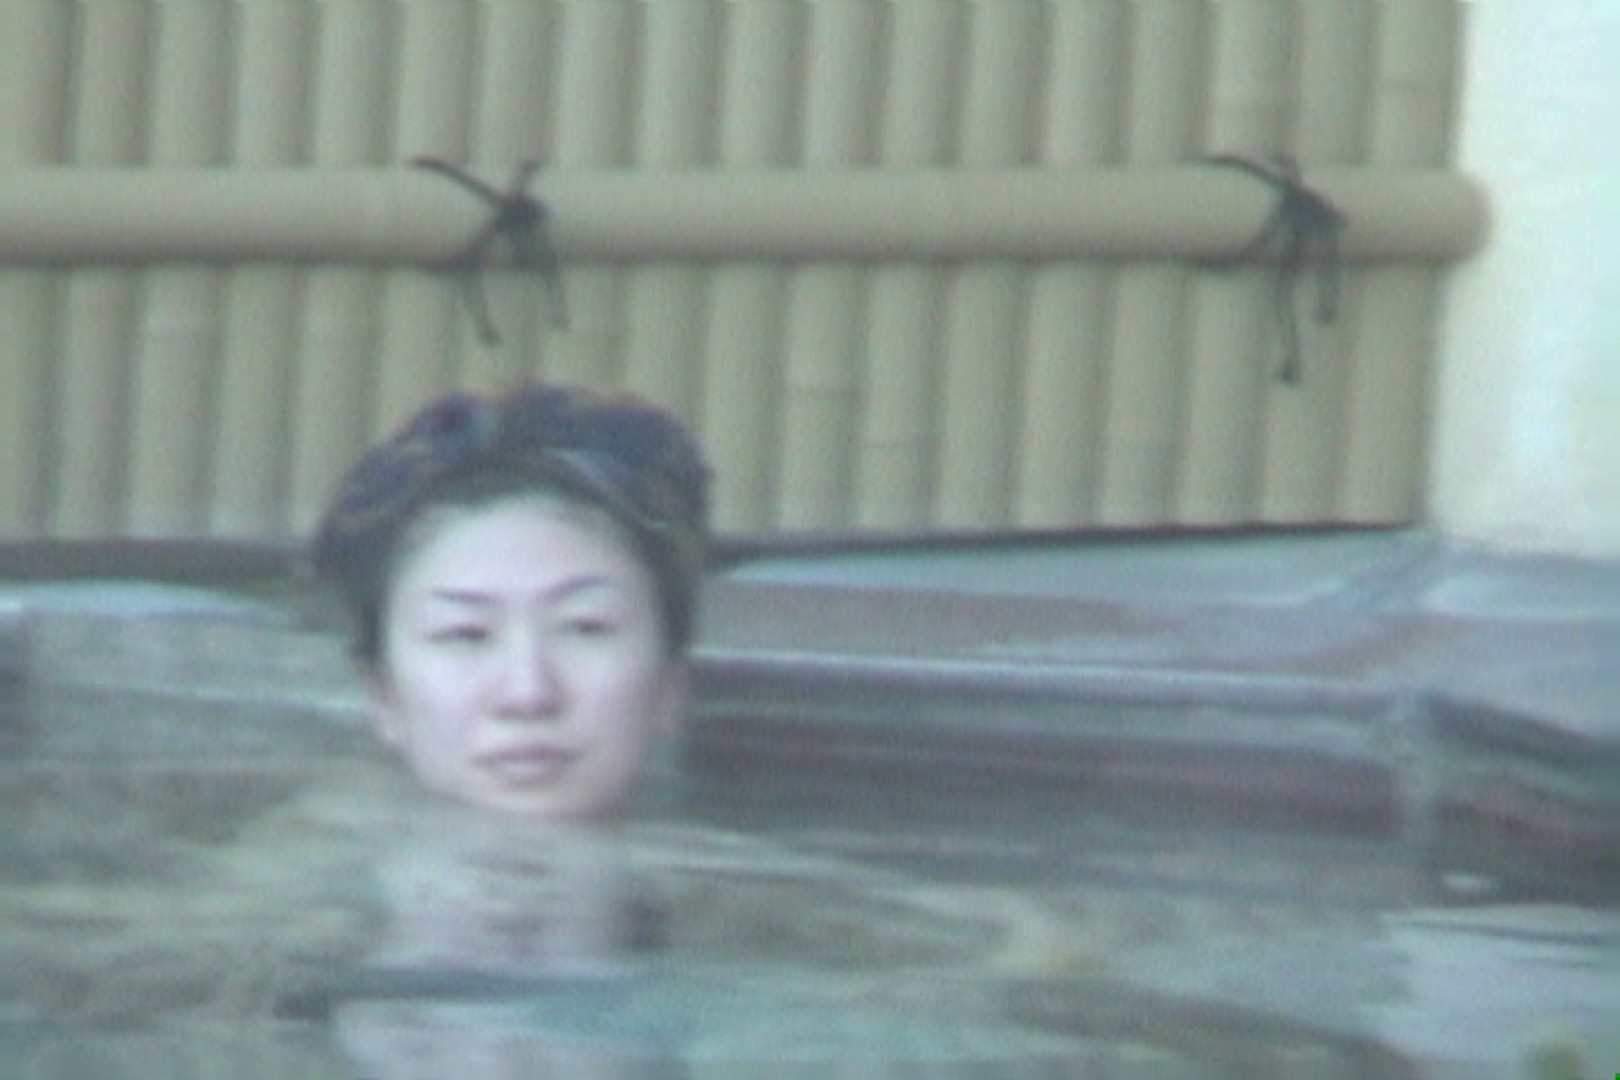 Aquaな露天風呂Vol.607 露天  69PICs 18